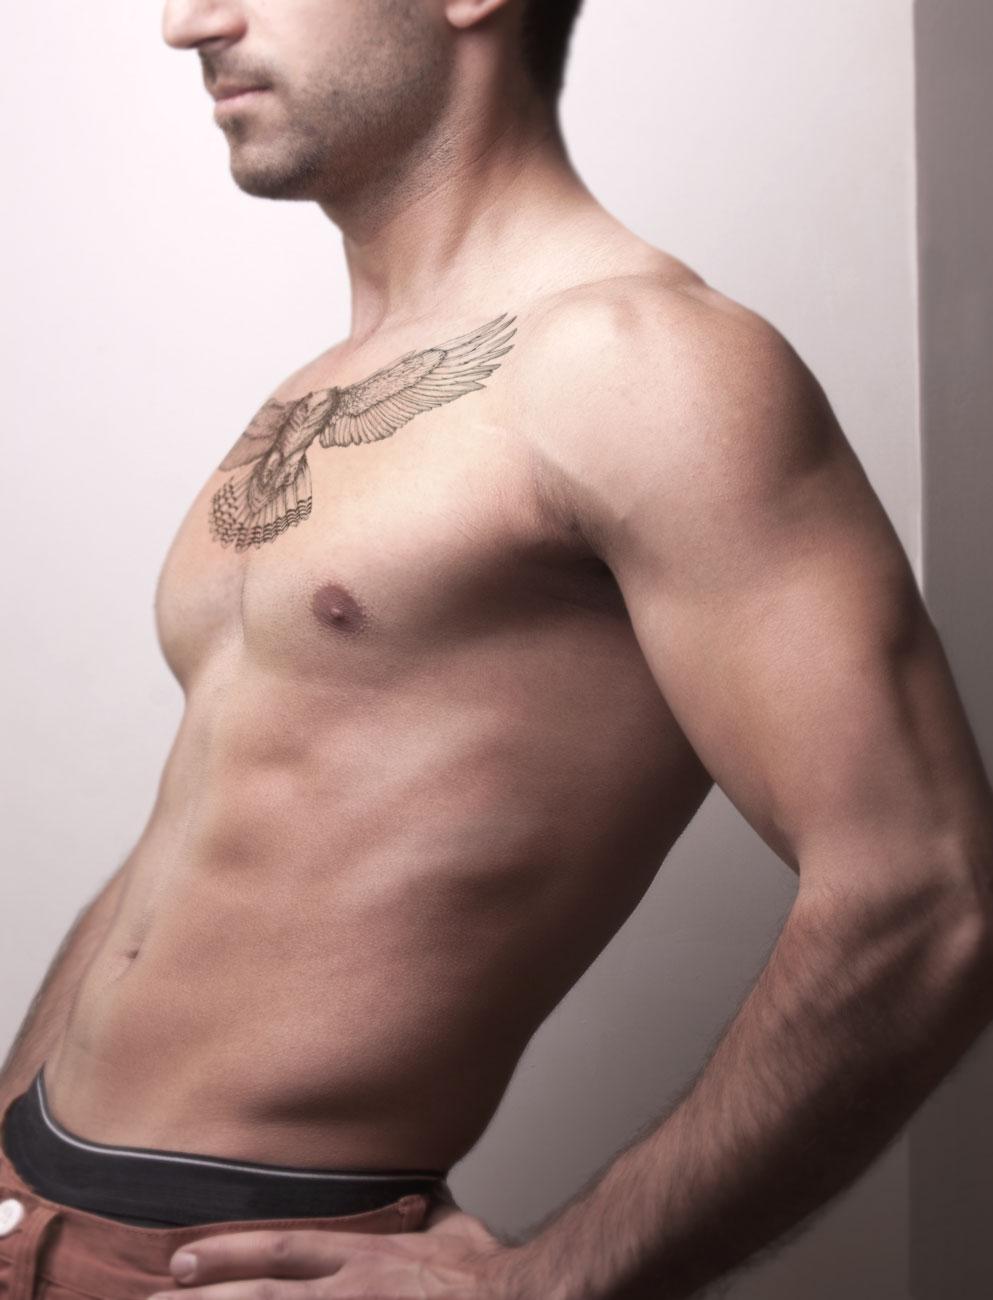 دانلود موکاپ تتو روی بدن مرد مدل 3